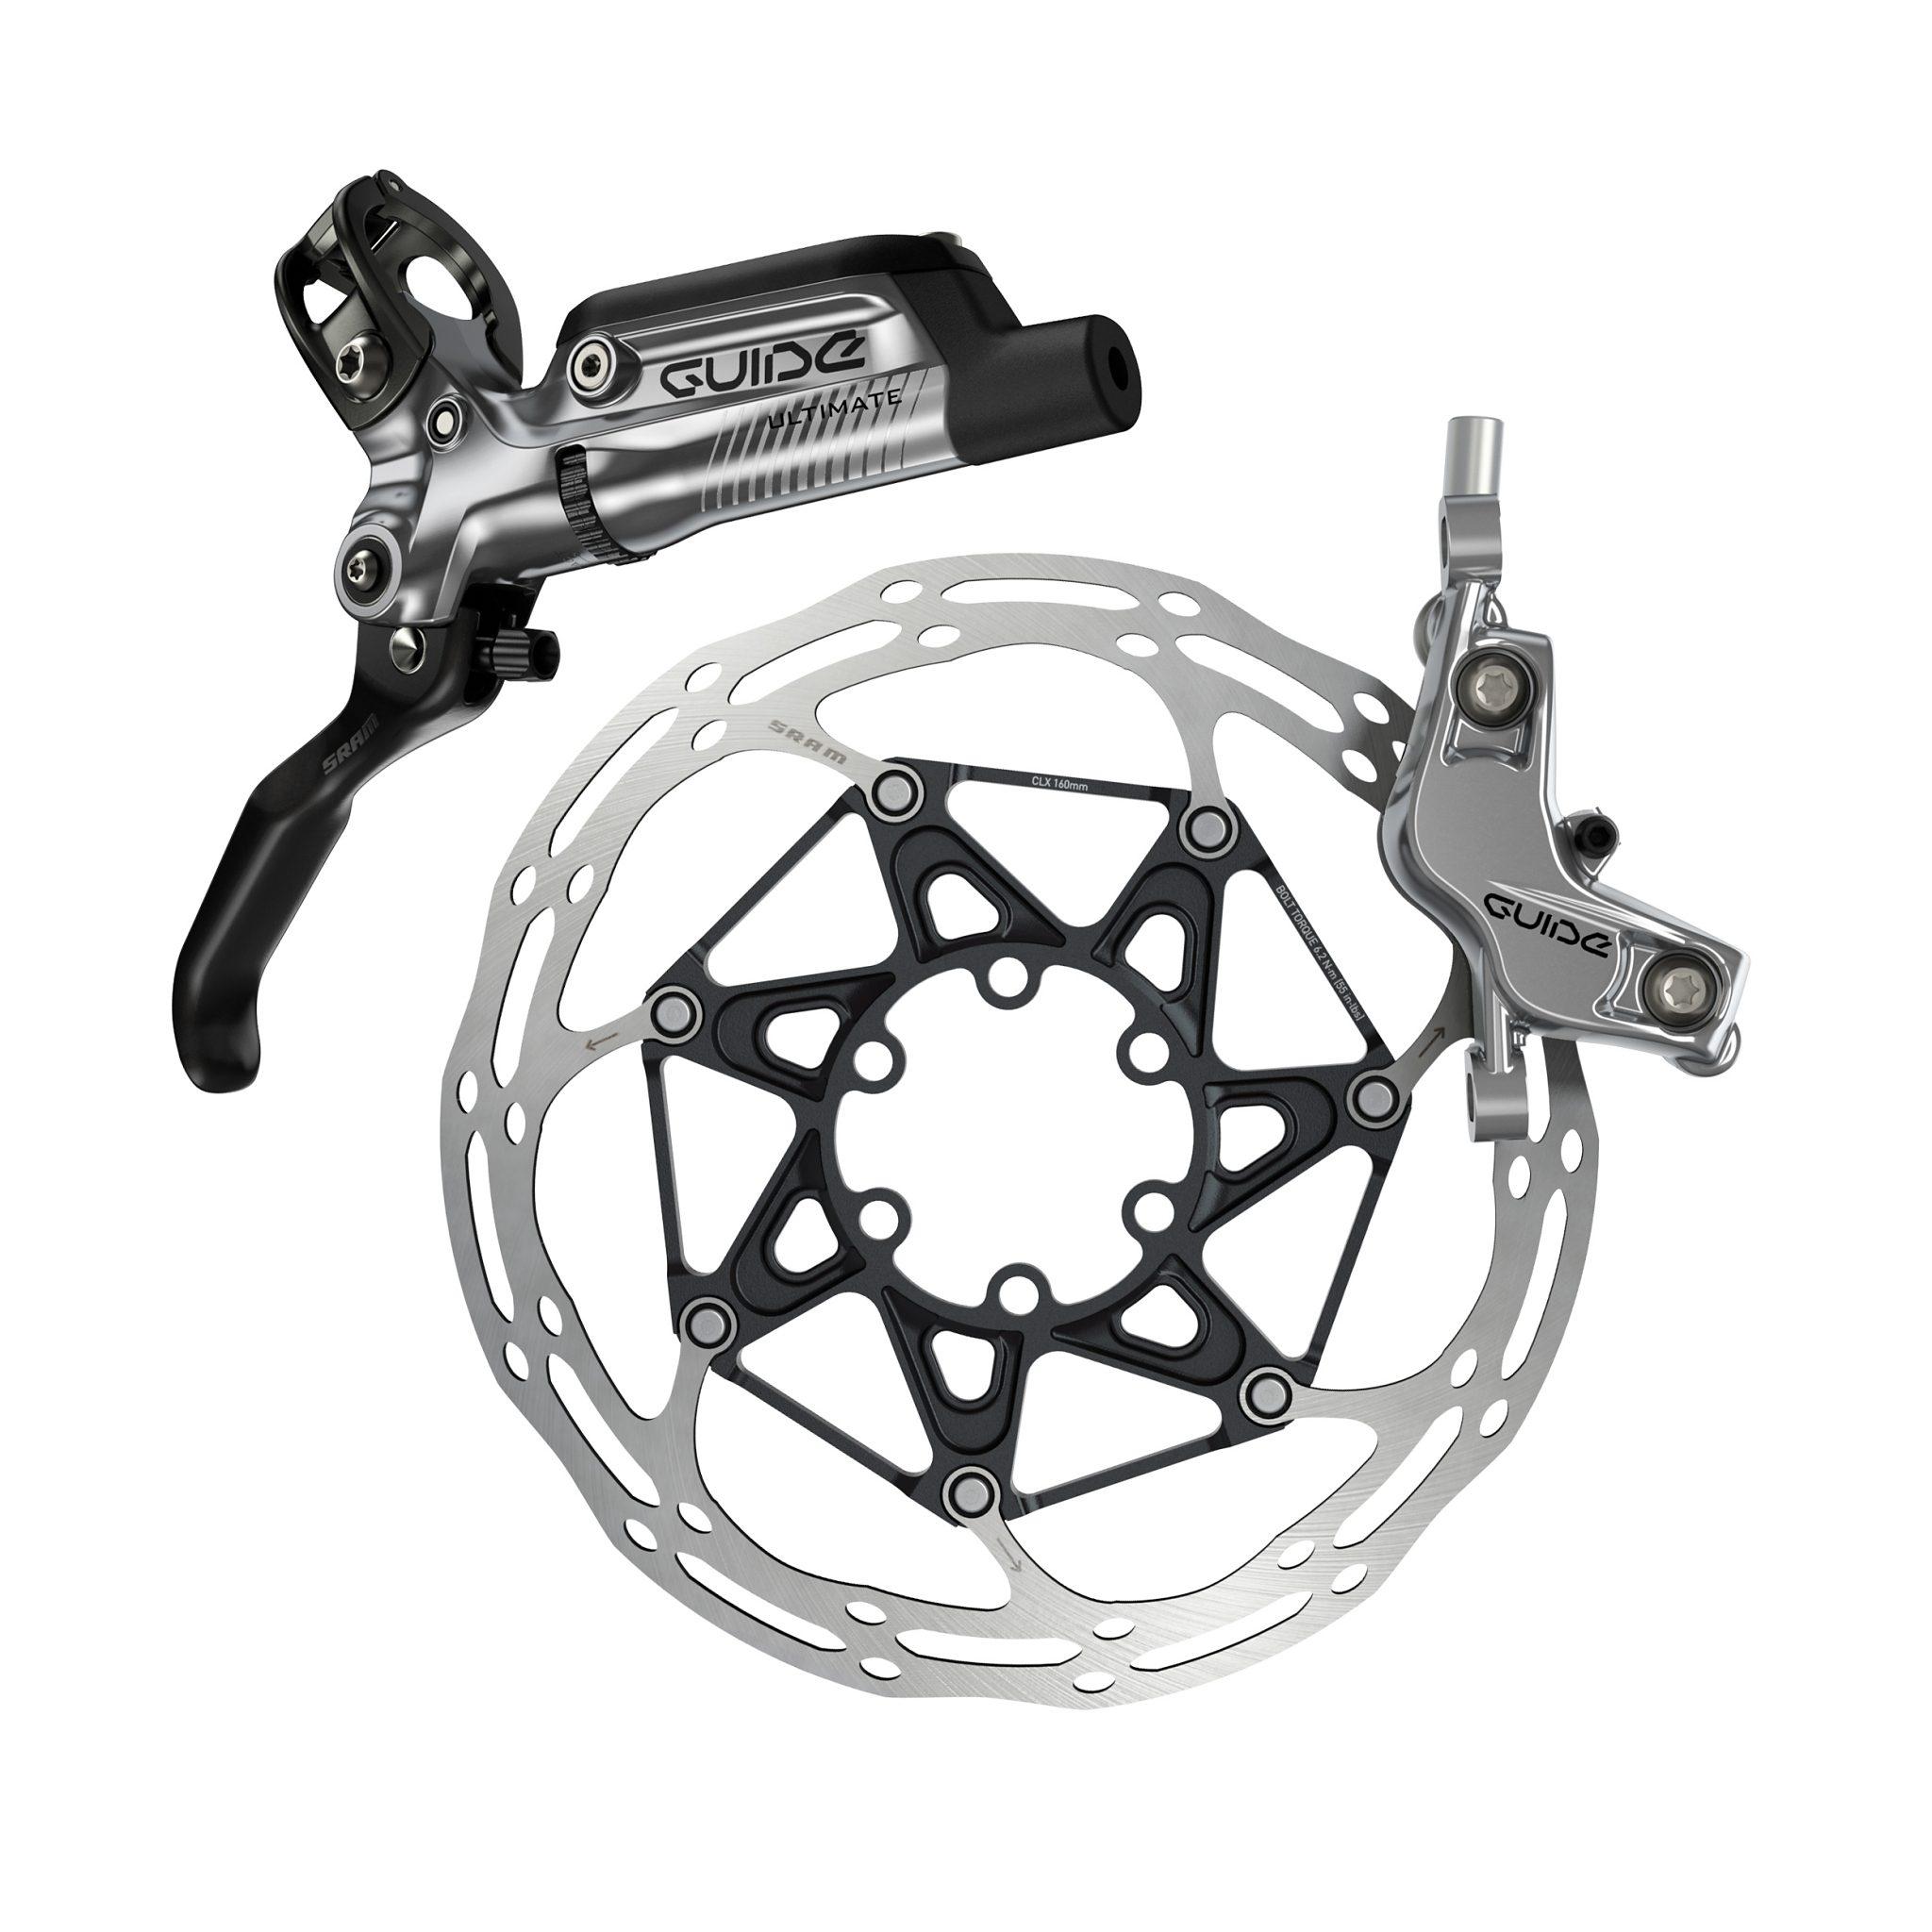 SRAM Scheibenbremse »Guide Ultimate Scheibenbremse Vorderrad 900 mm«